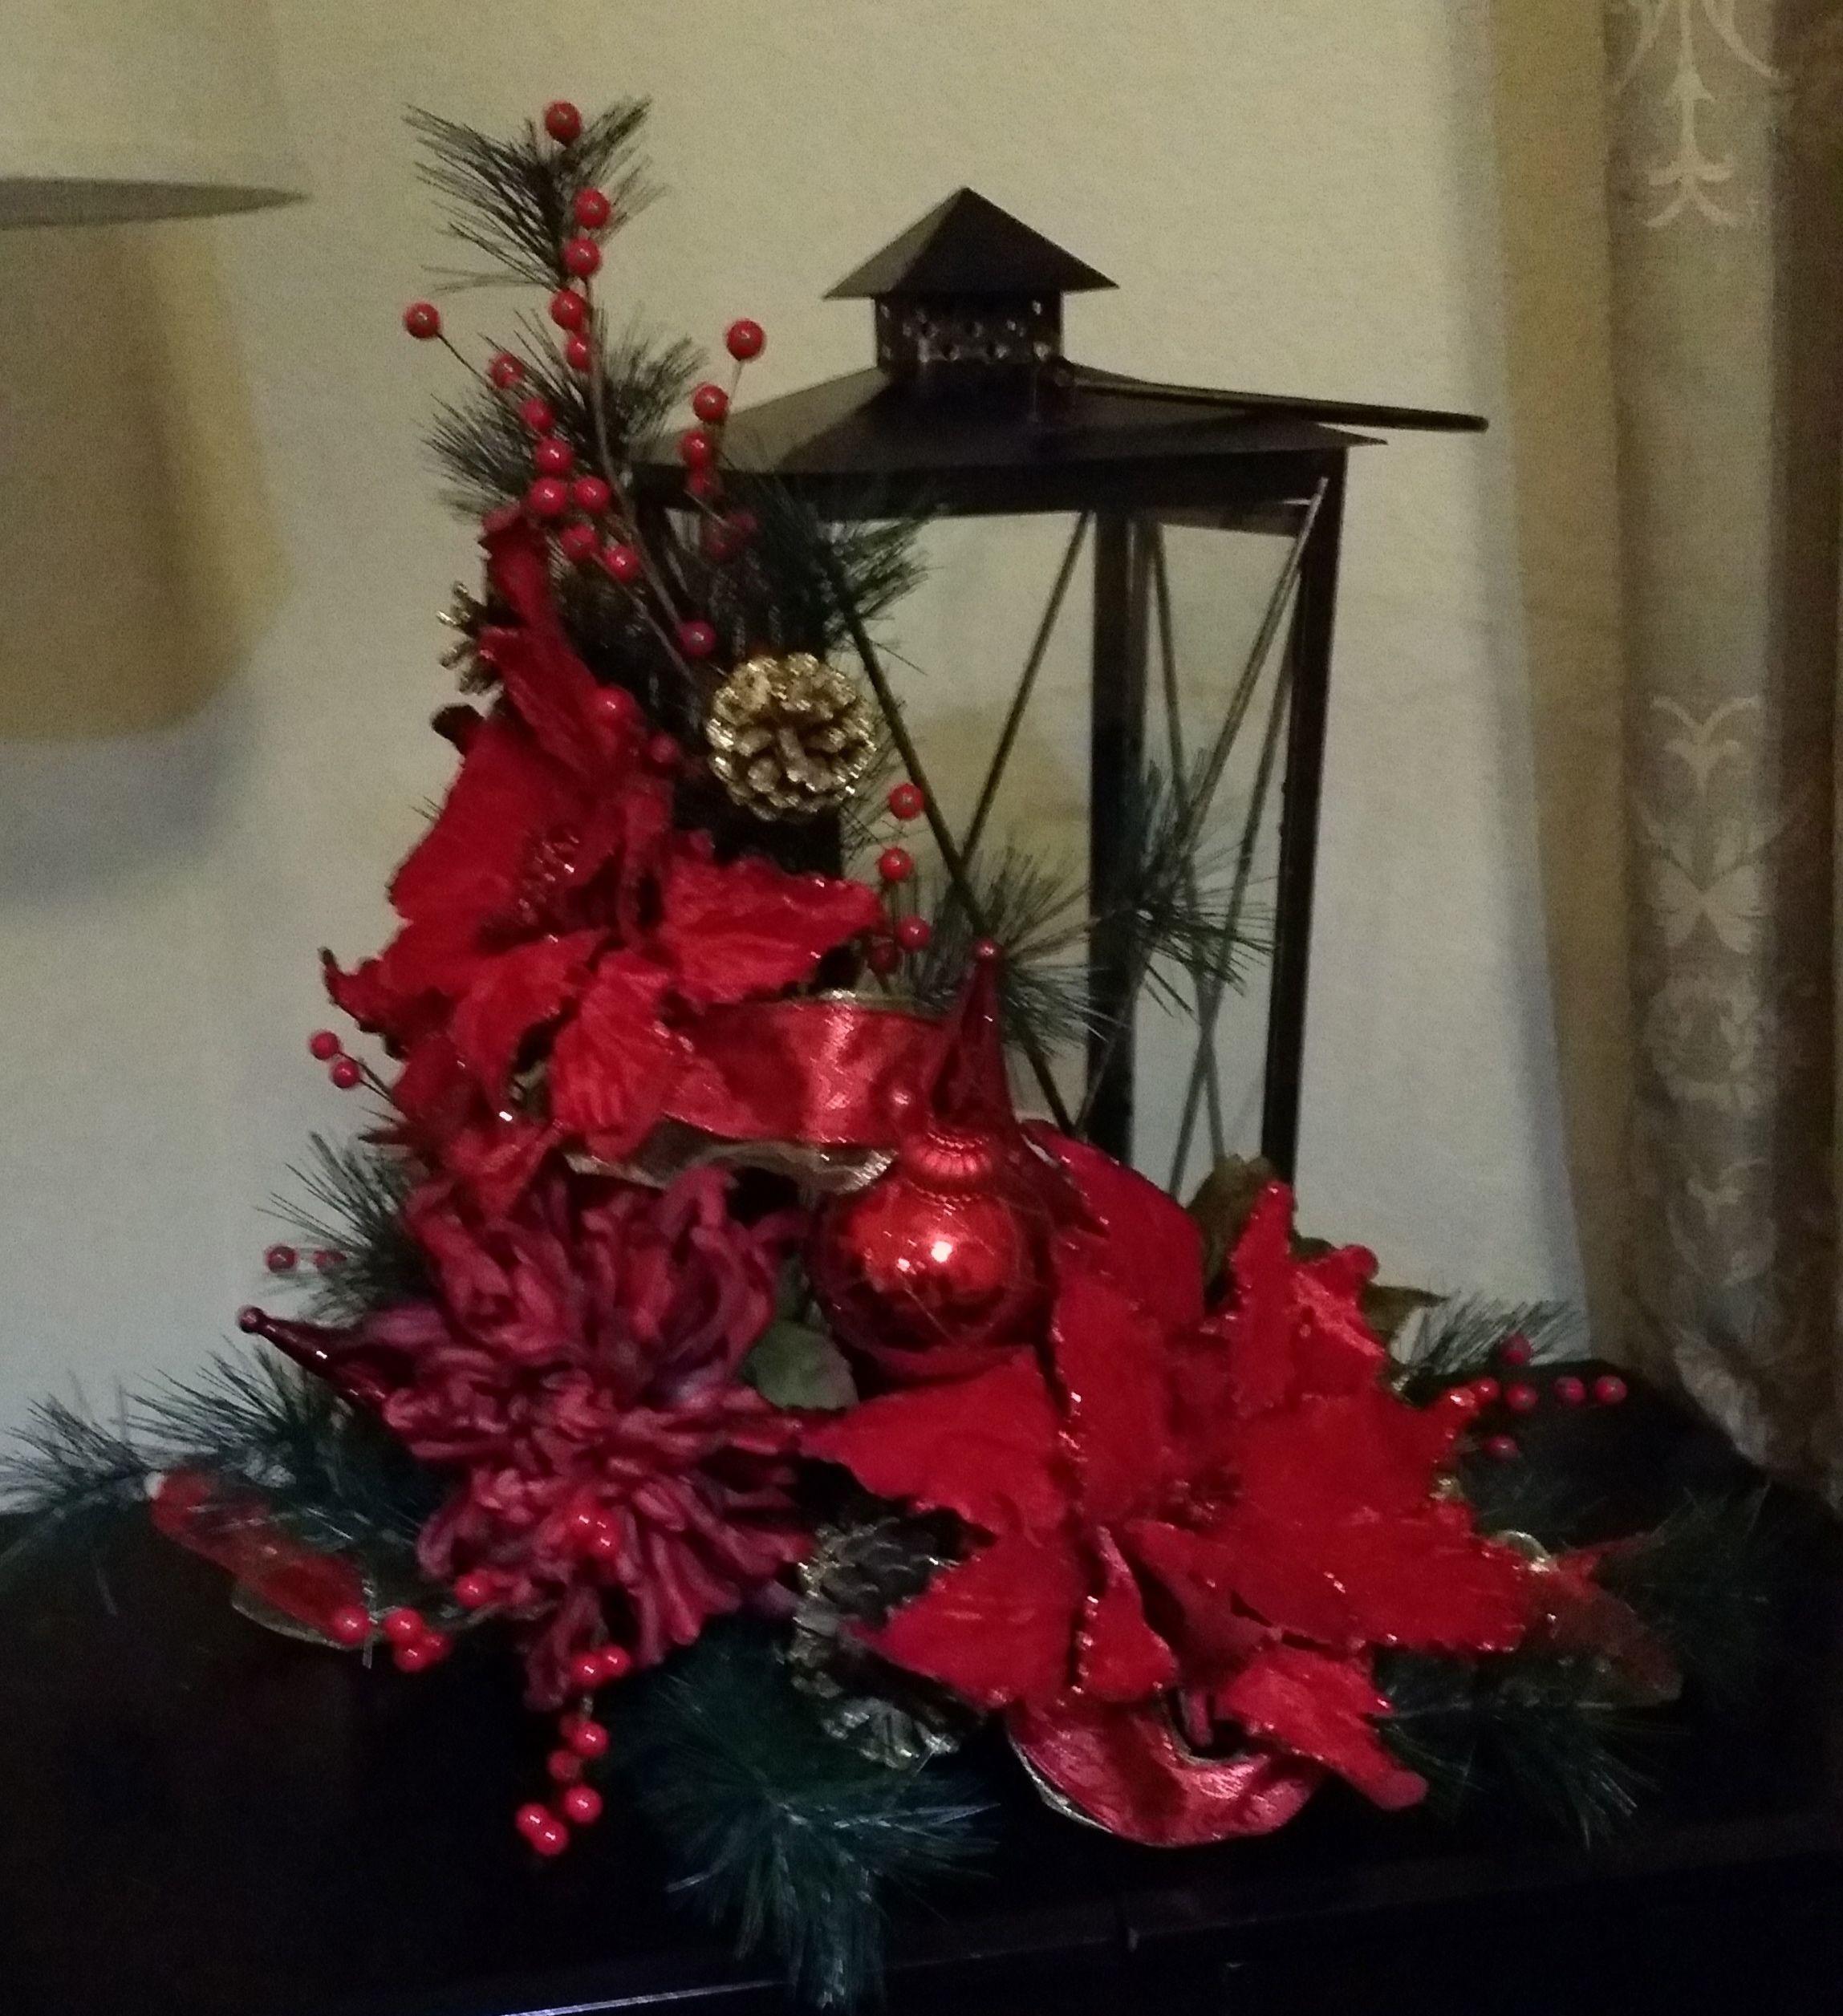 Christmas Lantern Lantern With Red Poinsettias Christmas